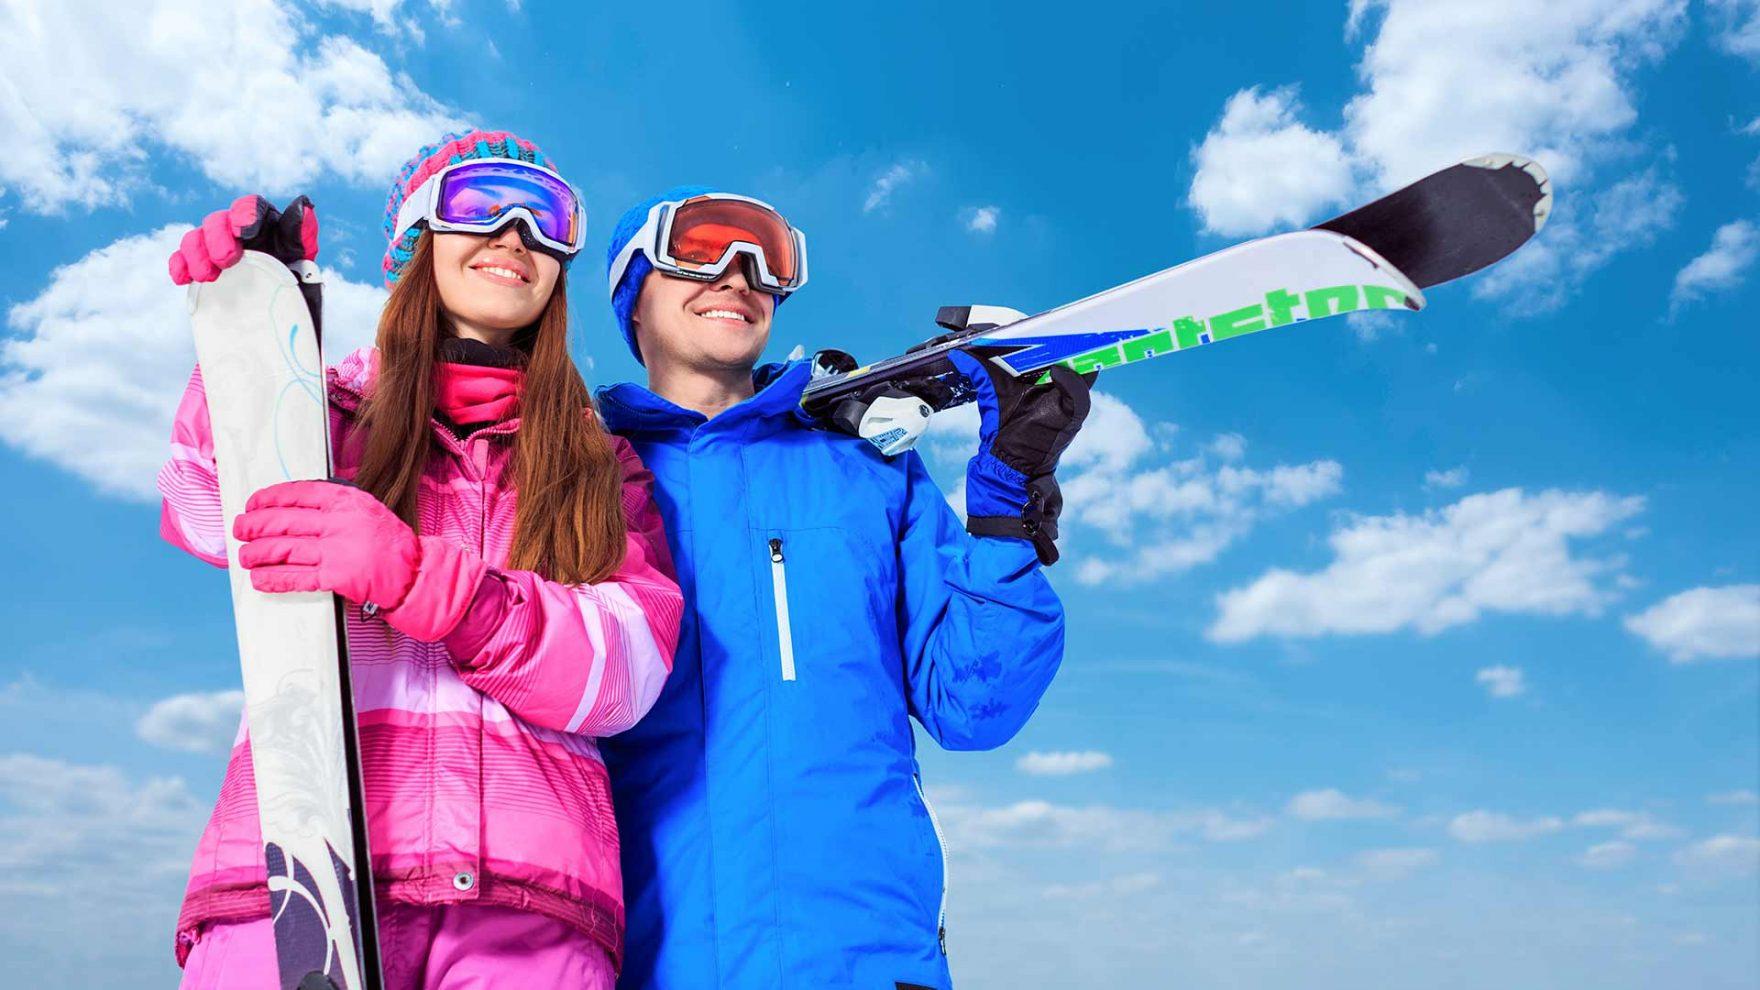 Sciare - Area sciistica a Merano